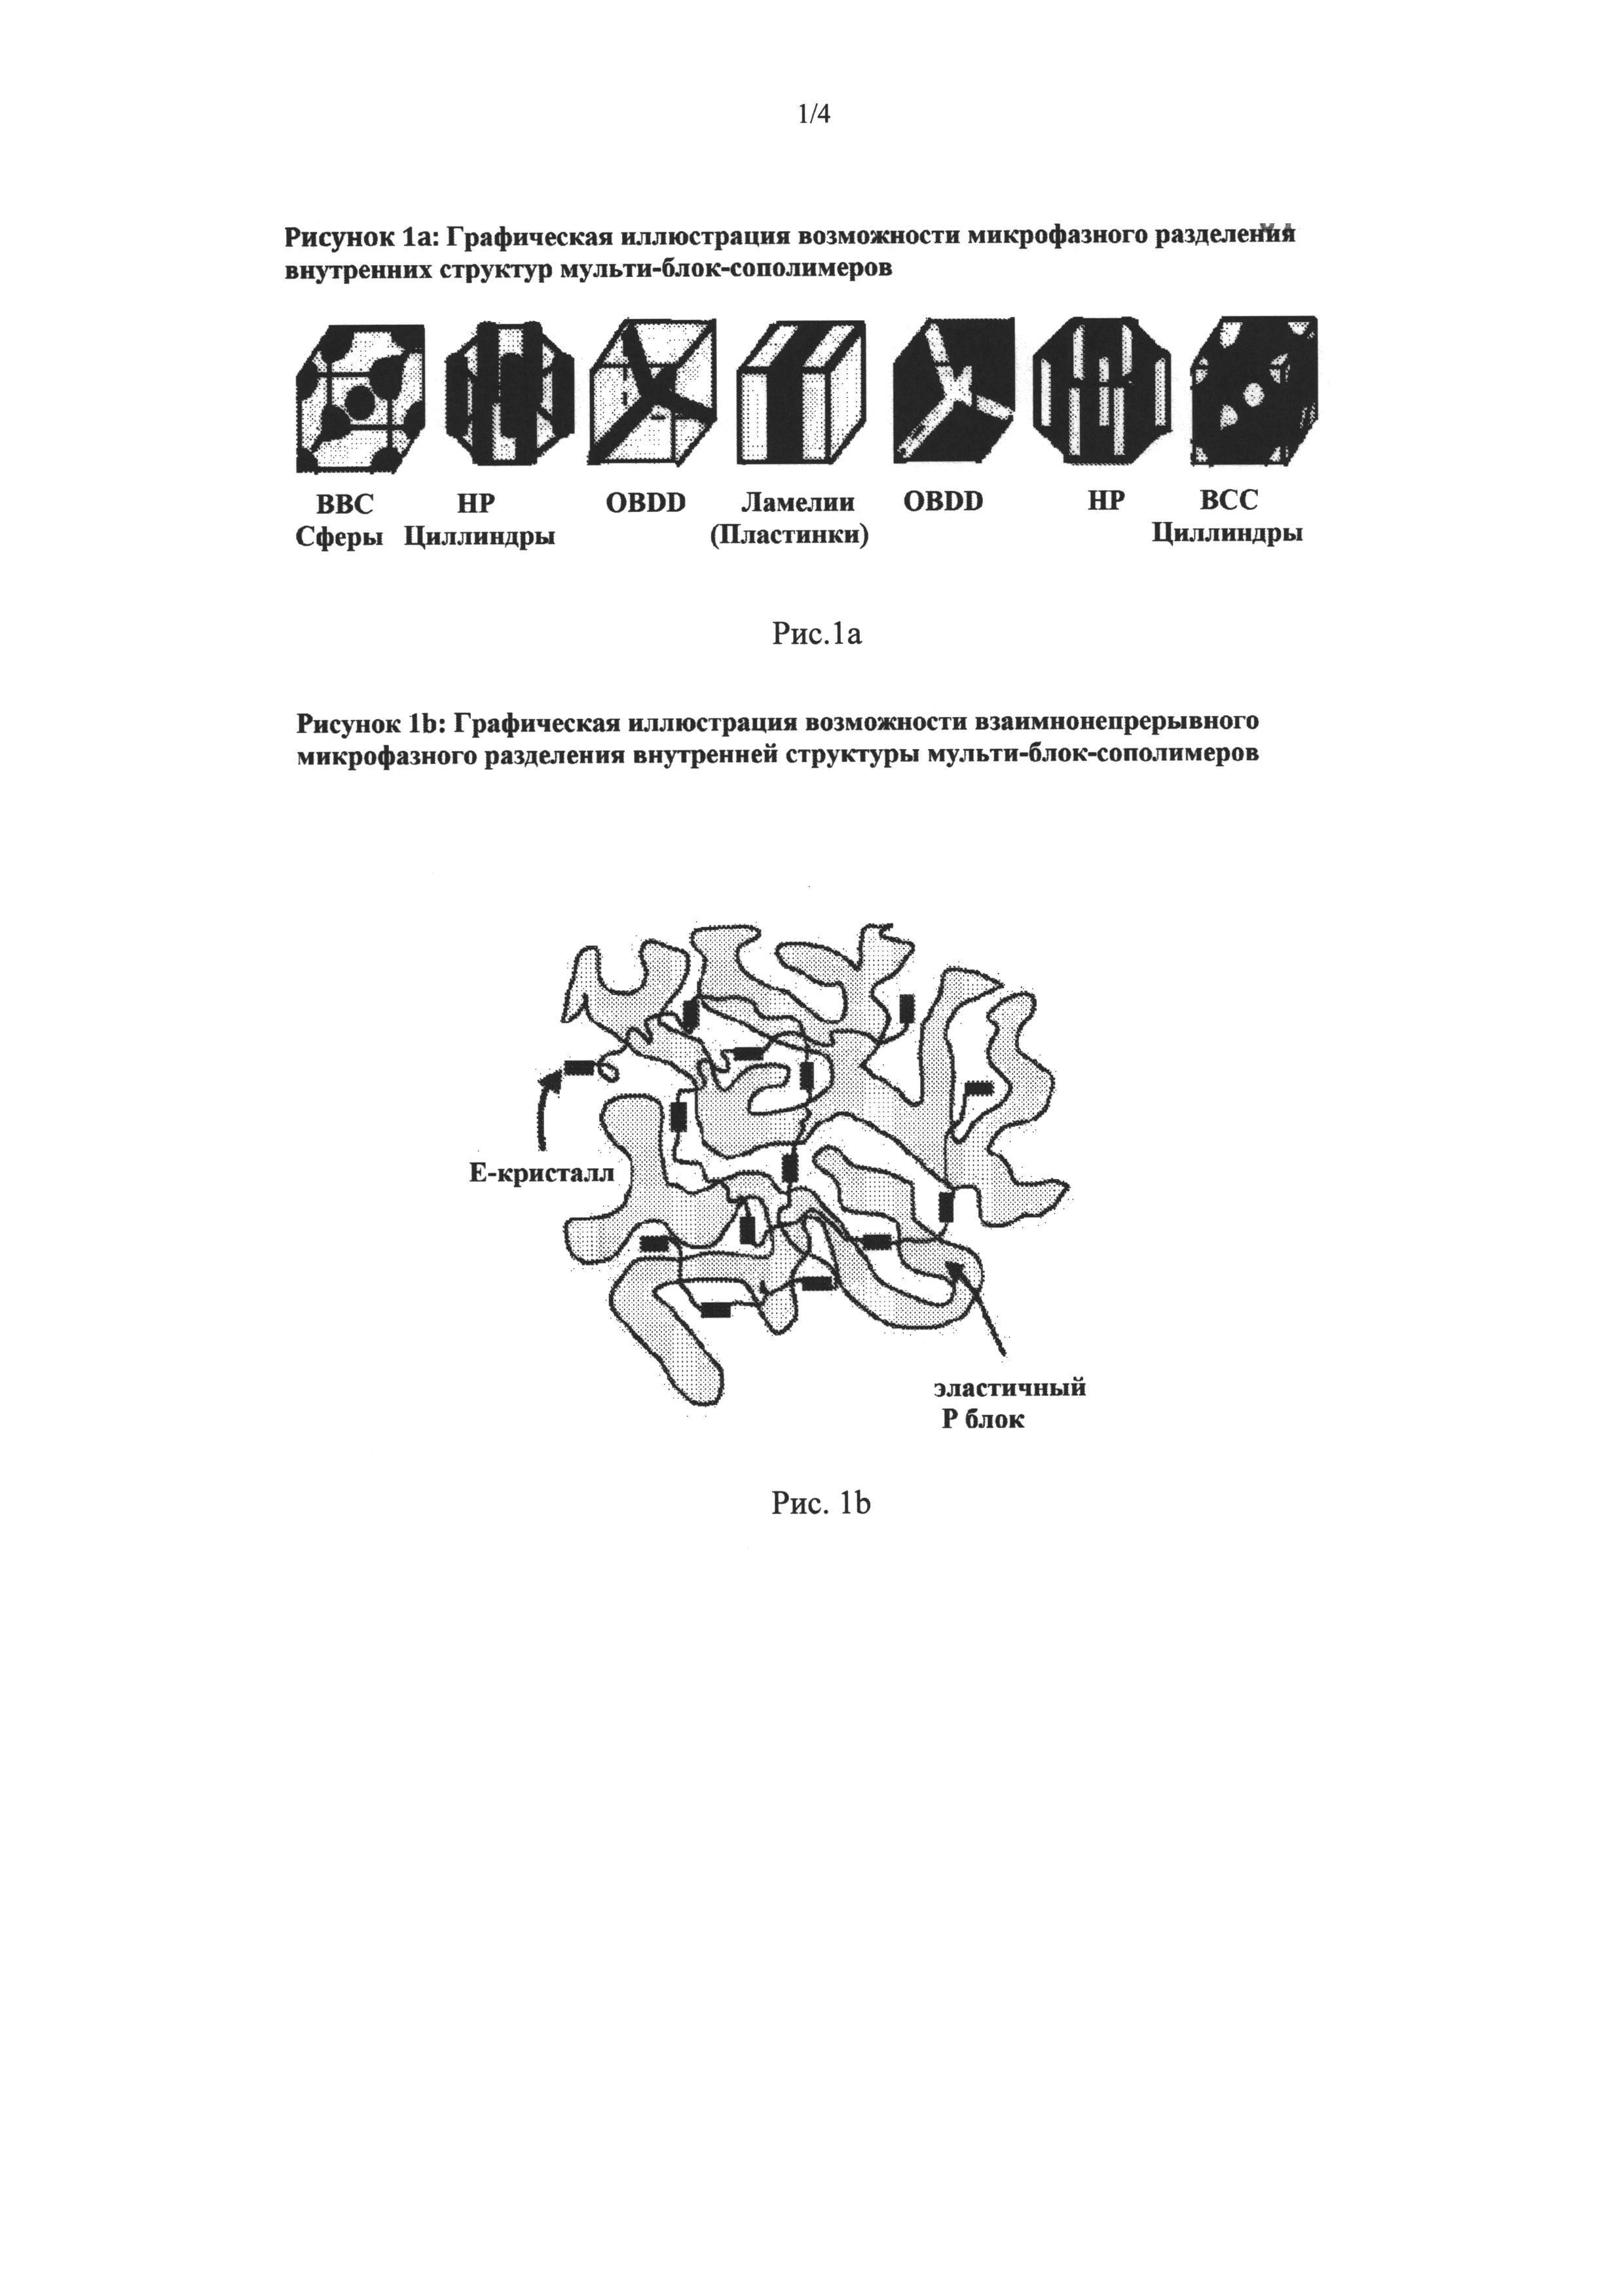 Жевательная резинка (варианты) и гуммиоснова жевательной резинки (варианты)